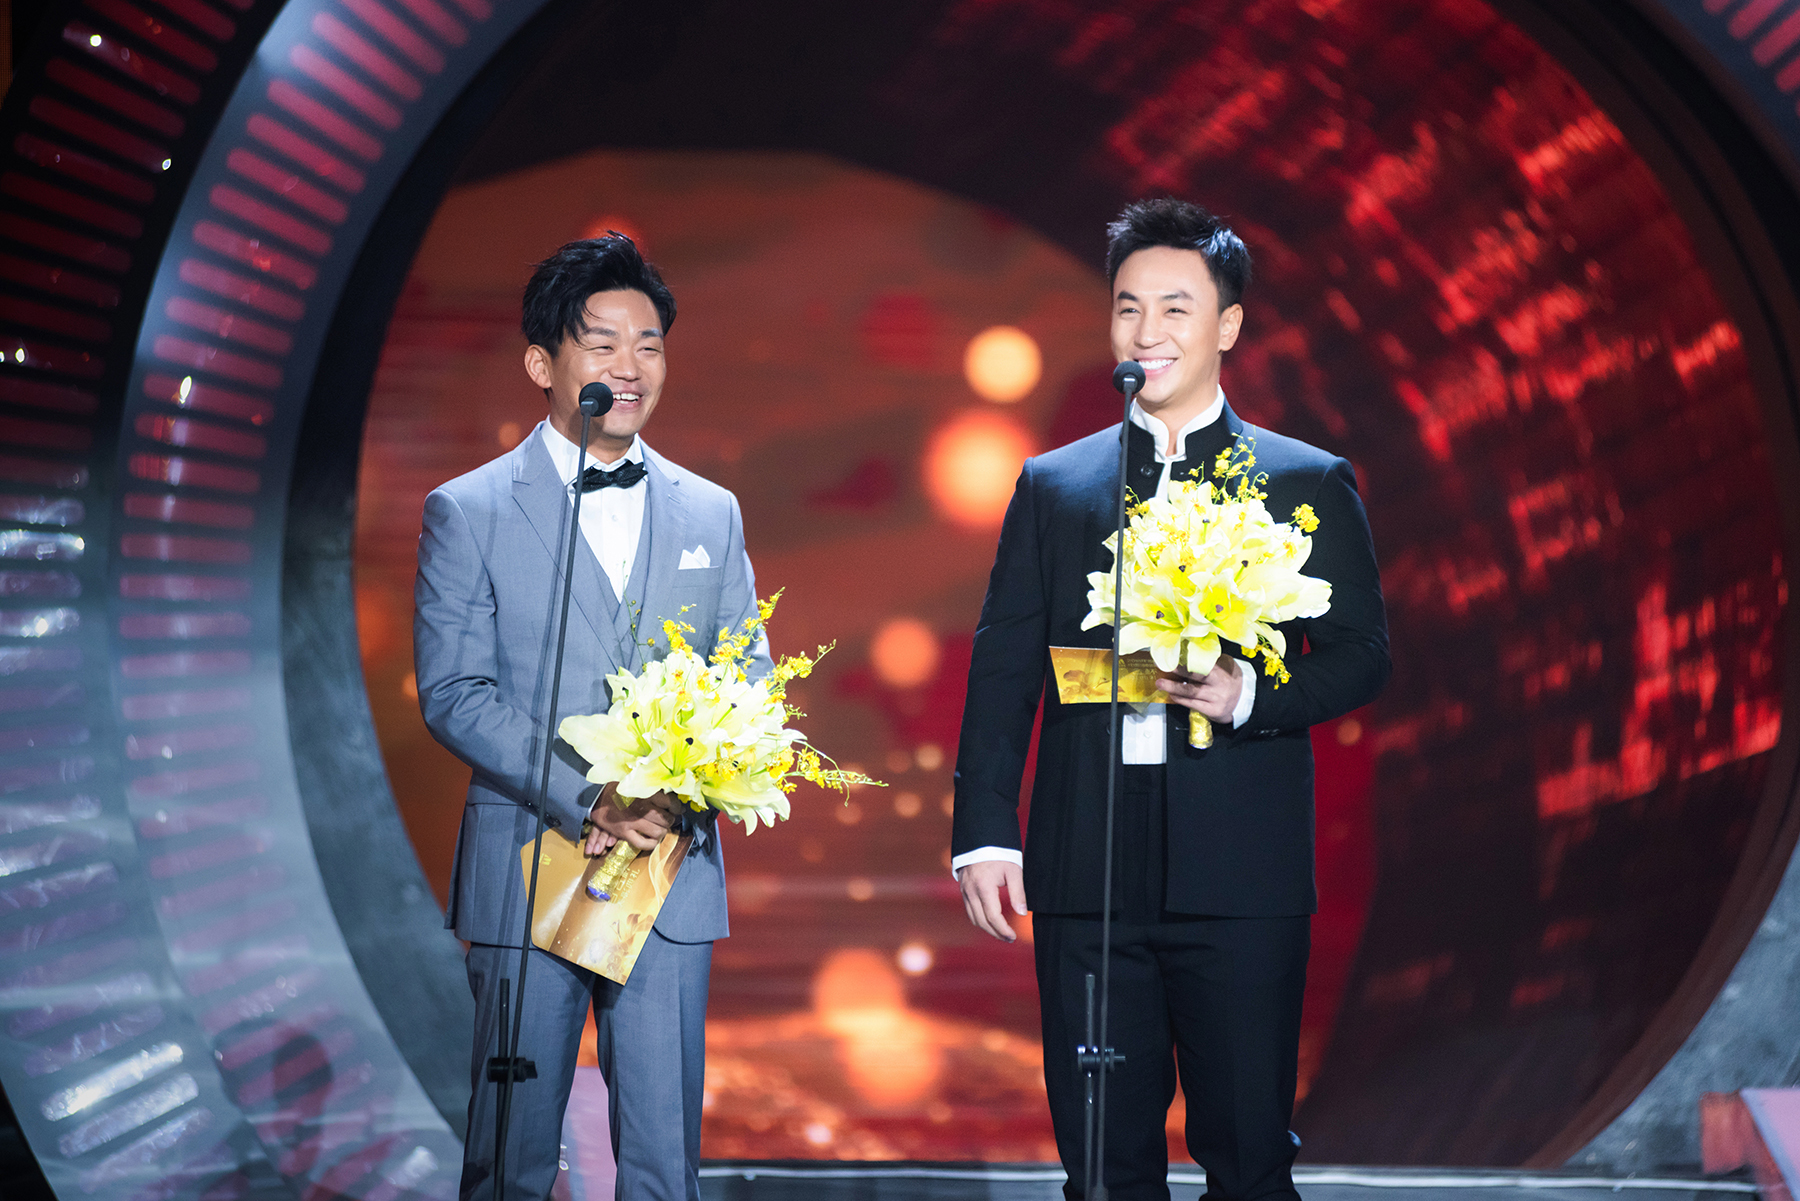 释小龙担任百合奖颁奖嘉宾 寄语儿童发扬中国功夫